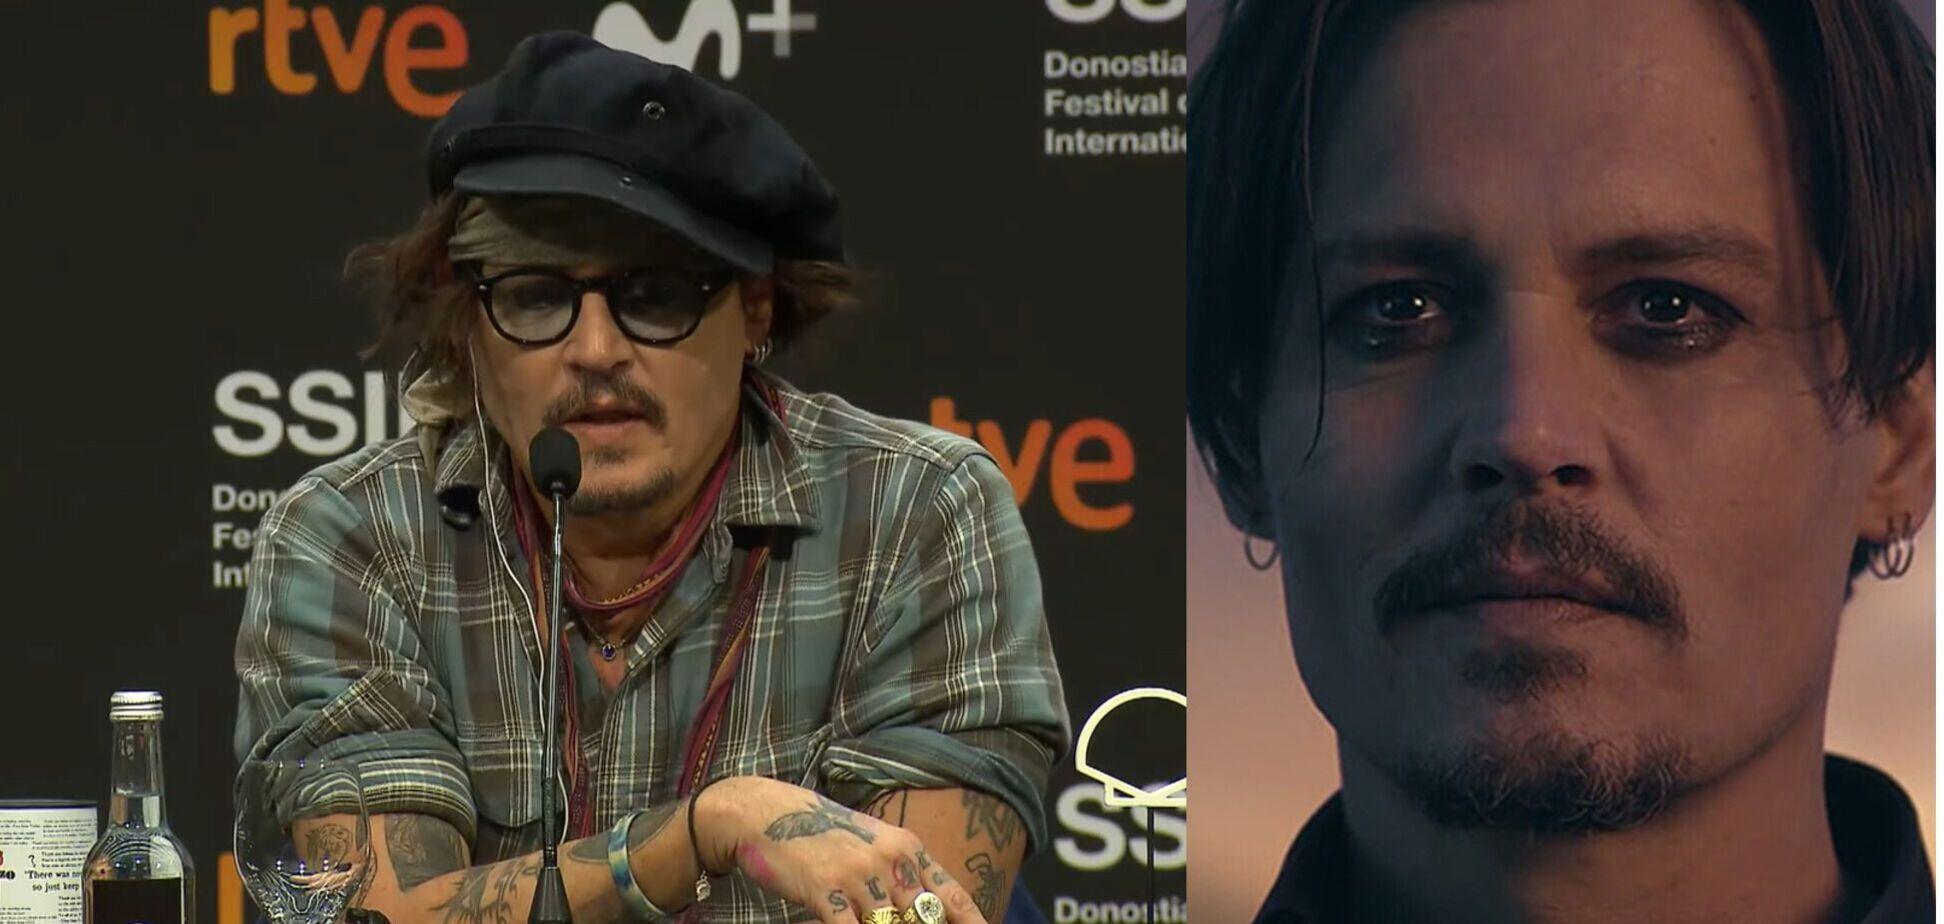 'Життя зламане': Джонні Депп відповів на бойкот з боку режисерів і кінофестивалів. Відео